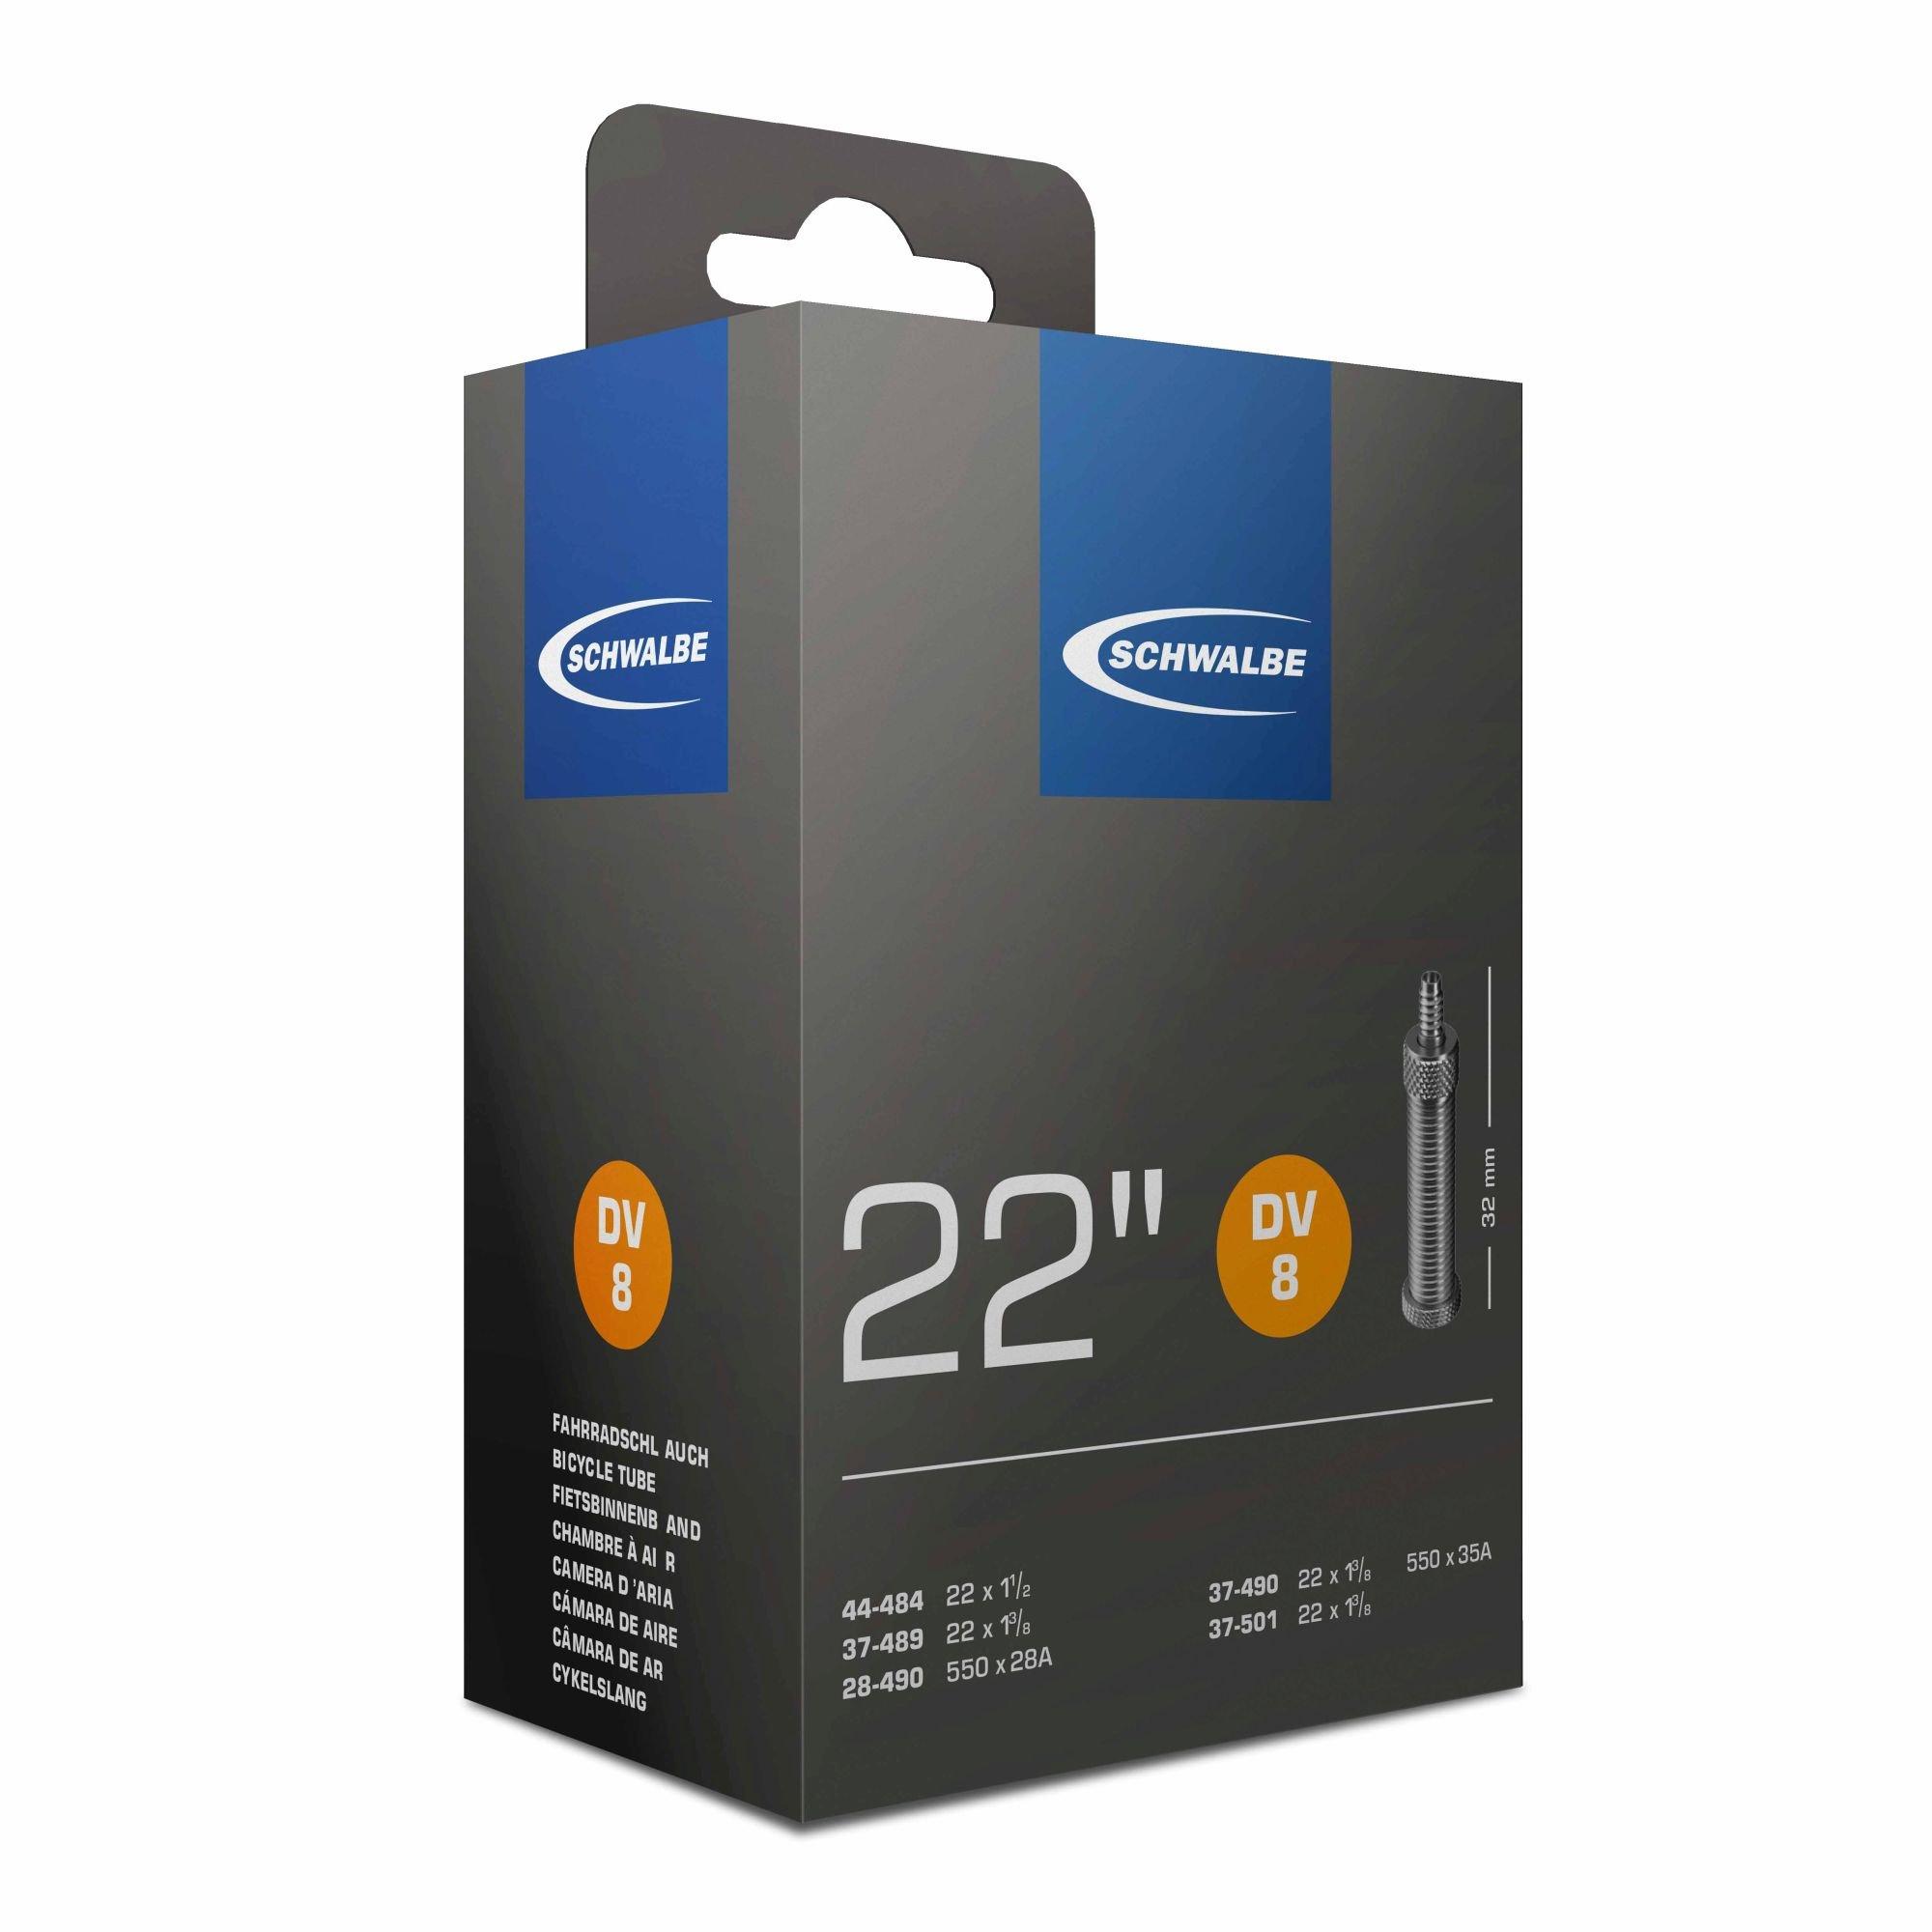 schläuche/Bereifung: Schwalbe  Fahrradschlauch DV 8  32mm